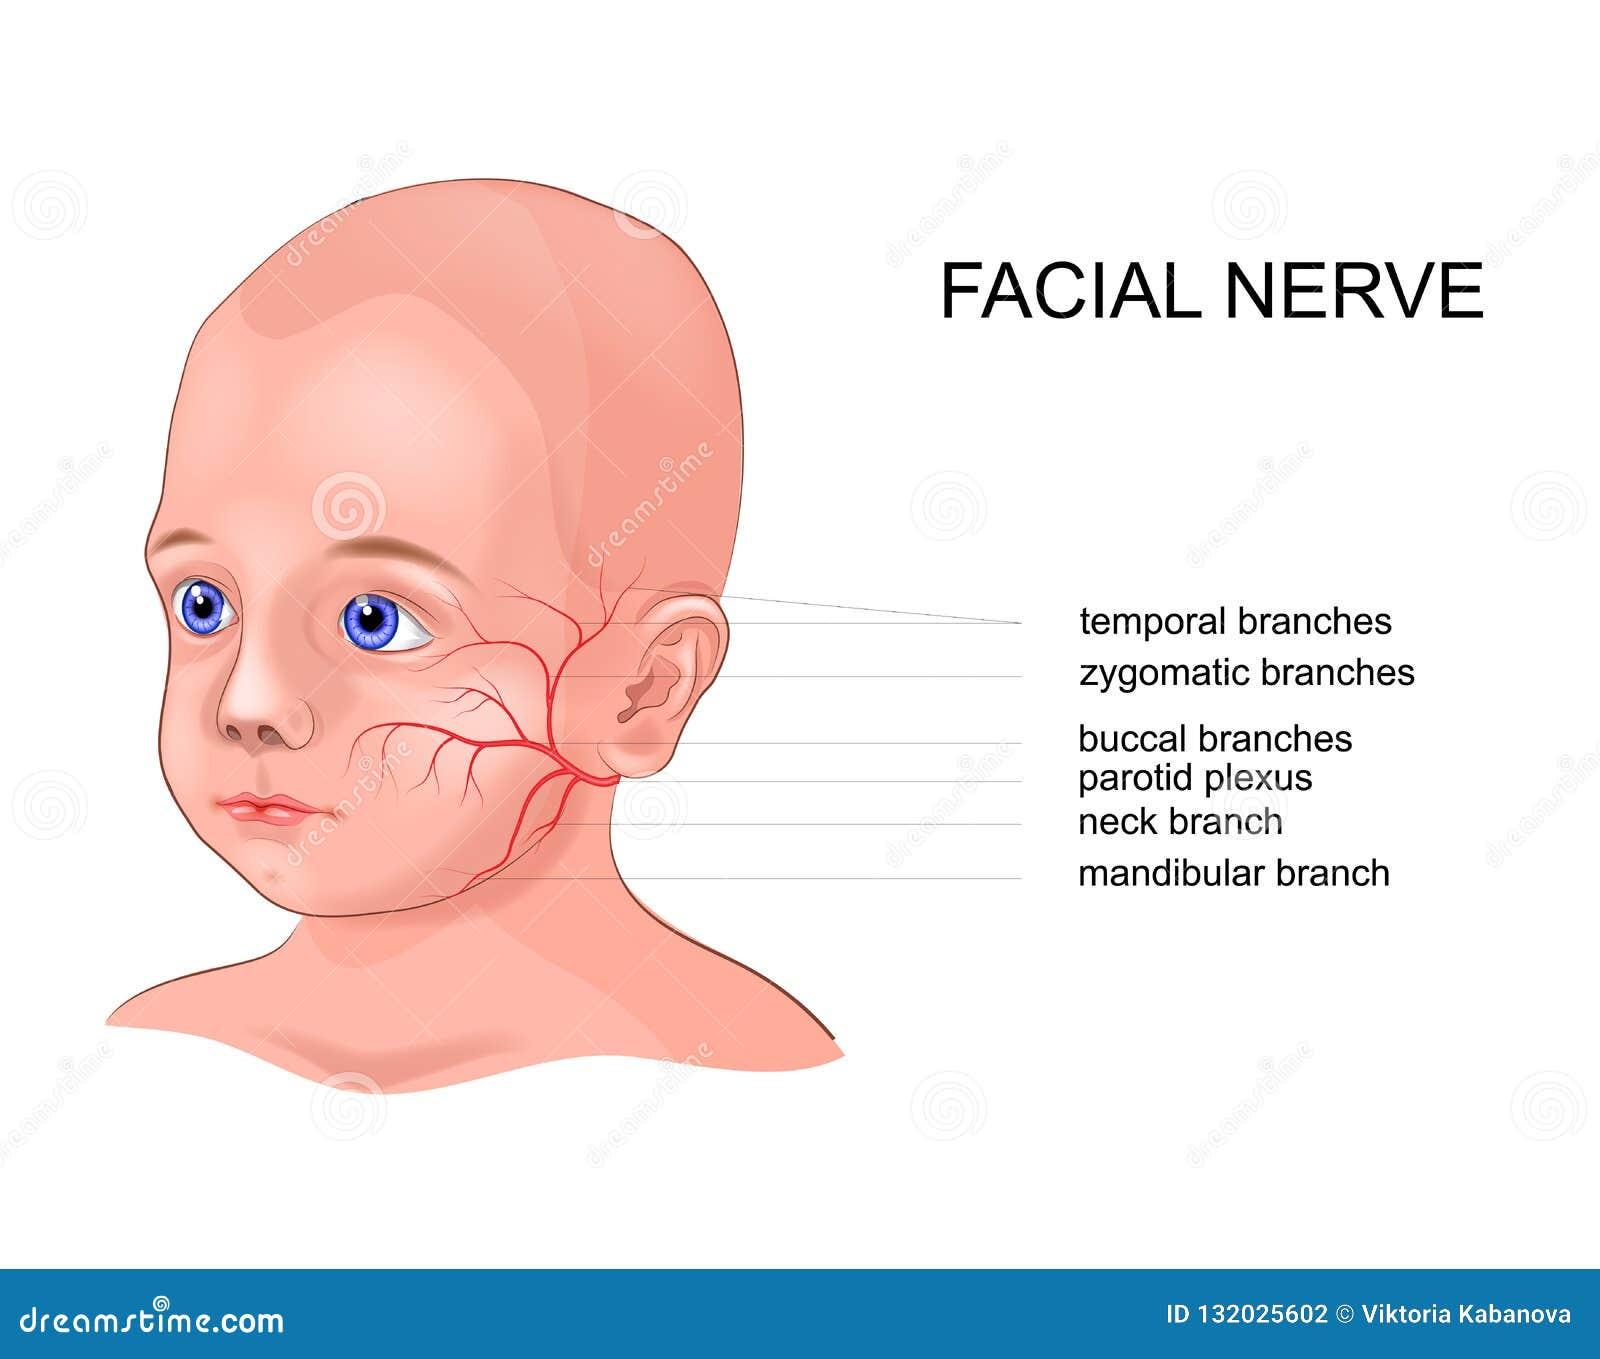 Del facial inflamacion nervio